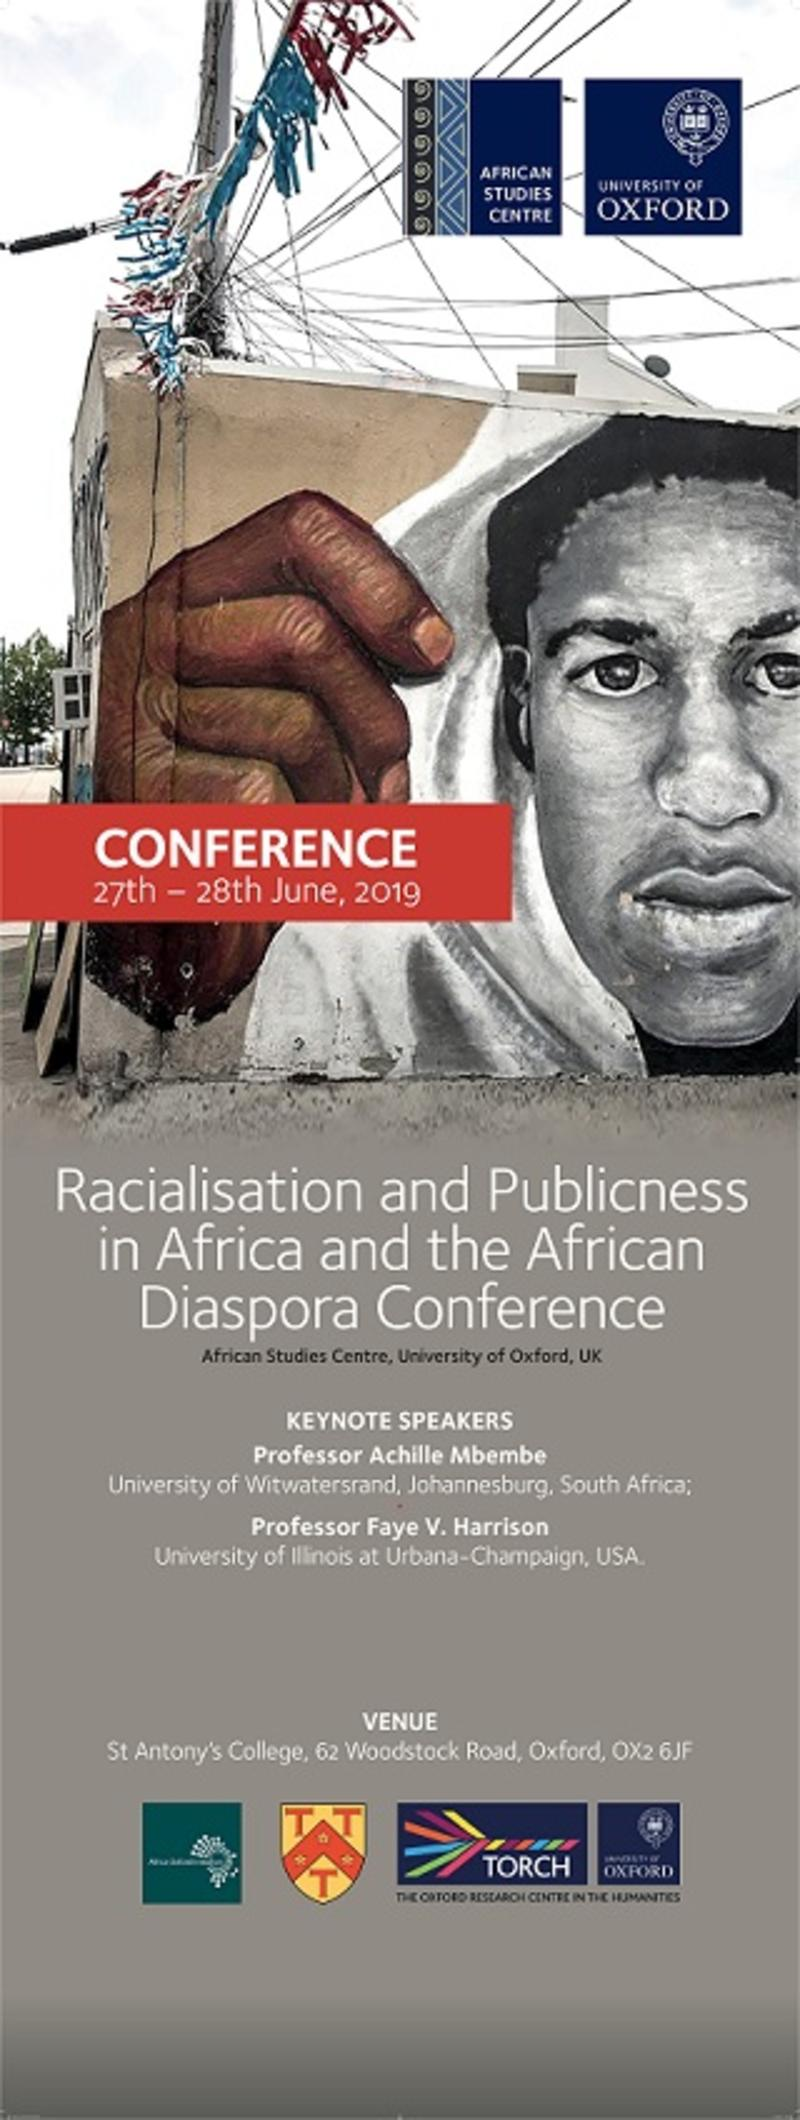 roller banner conference press